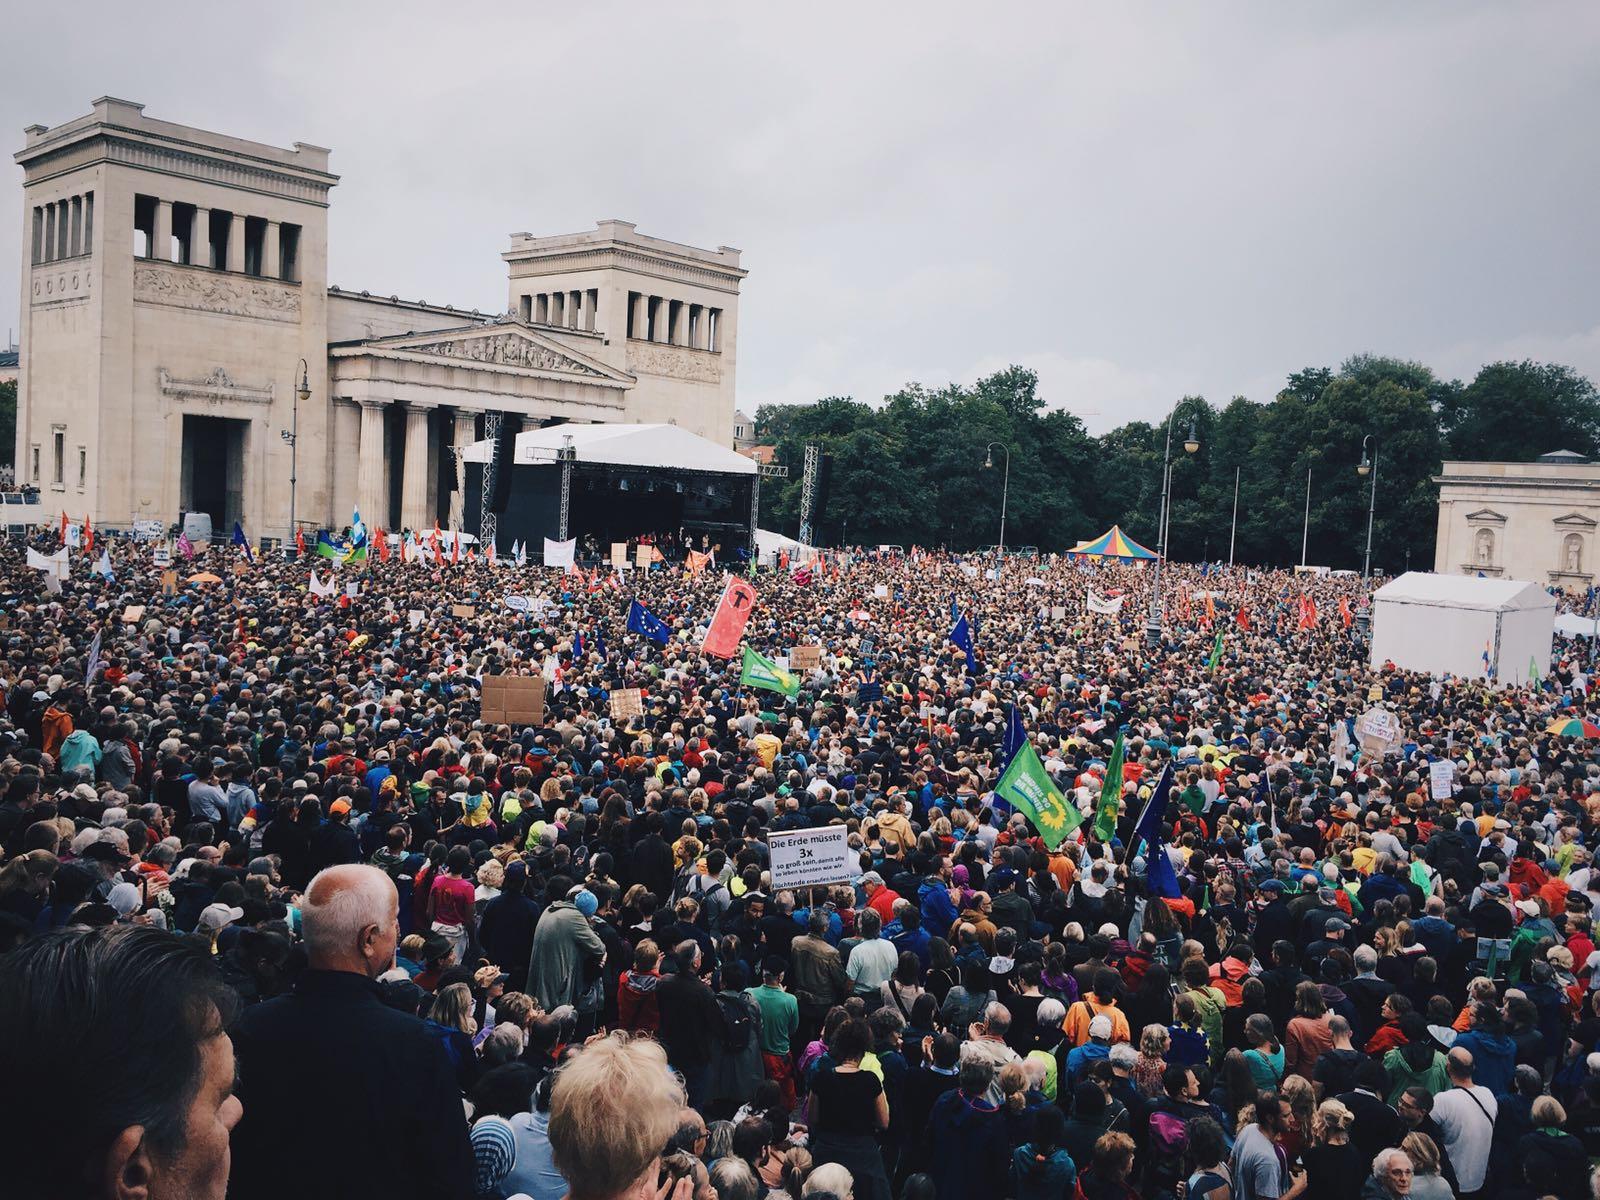 Diese Europäische Union ist eine mörderische Union